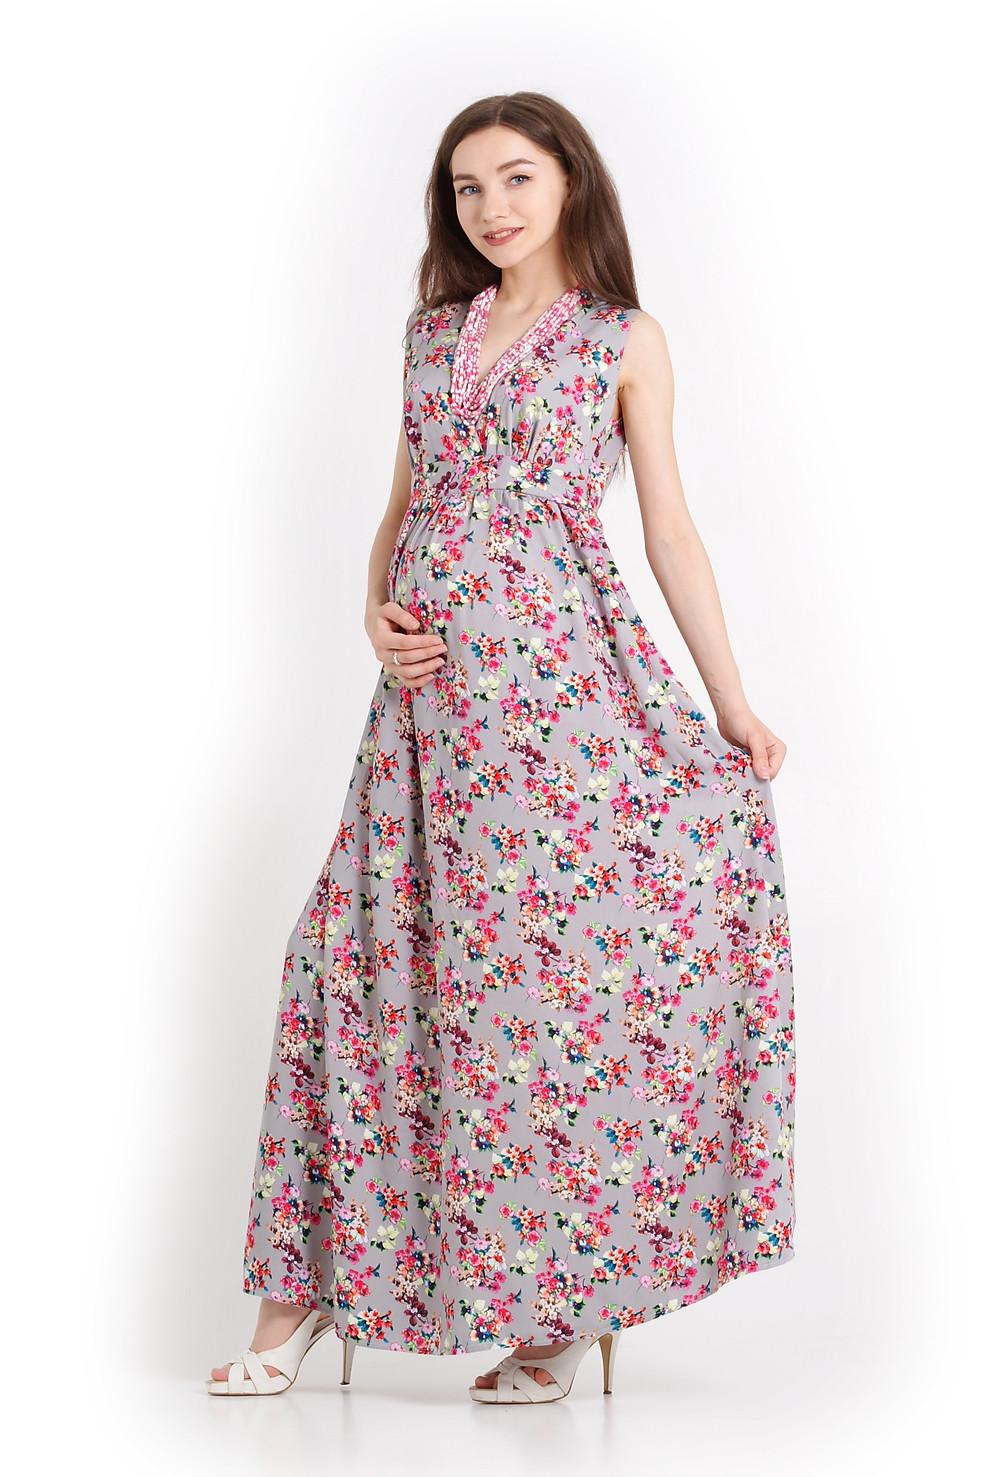 Сукня для вагітних з натуральної тканини, що струменить навколо фігури, робить силуєт стункішим й підкреслює жіночі обриси